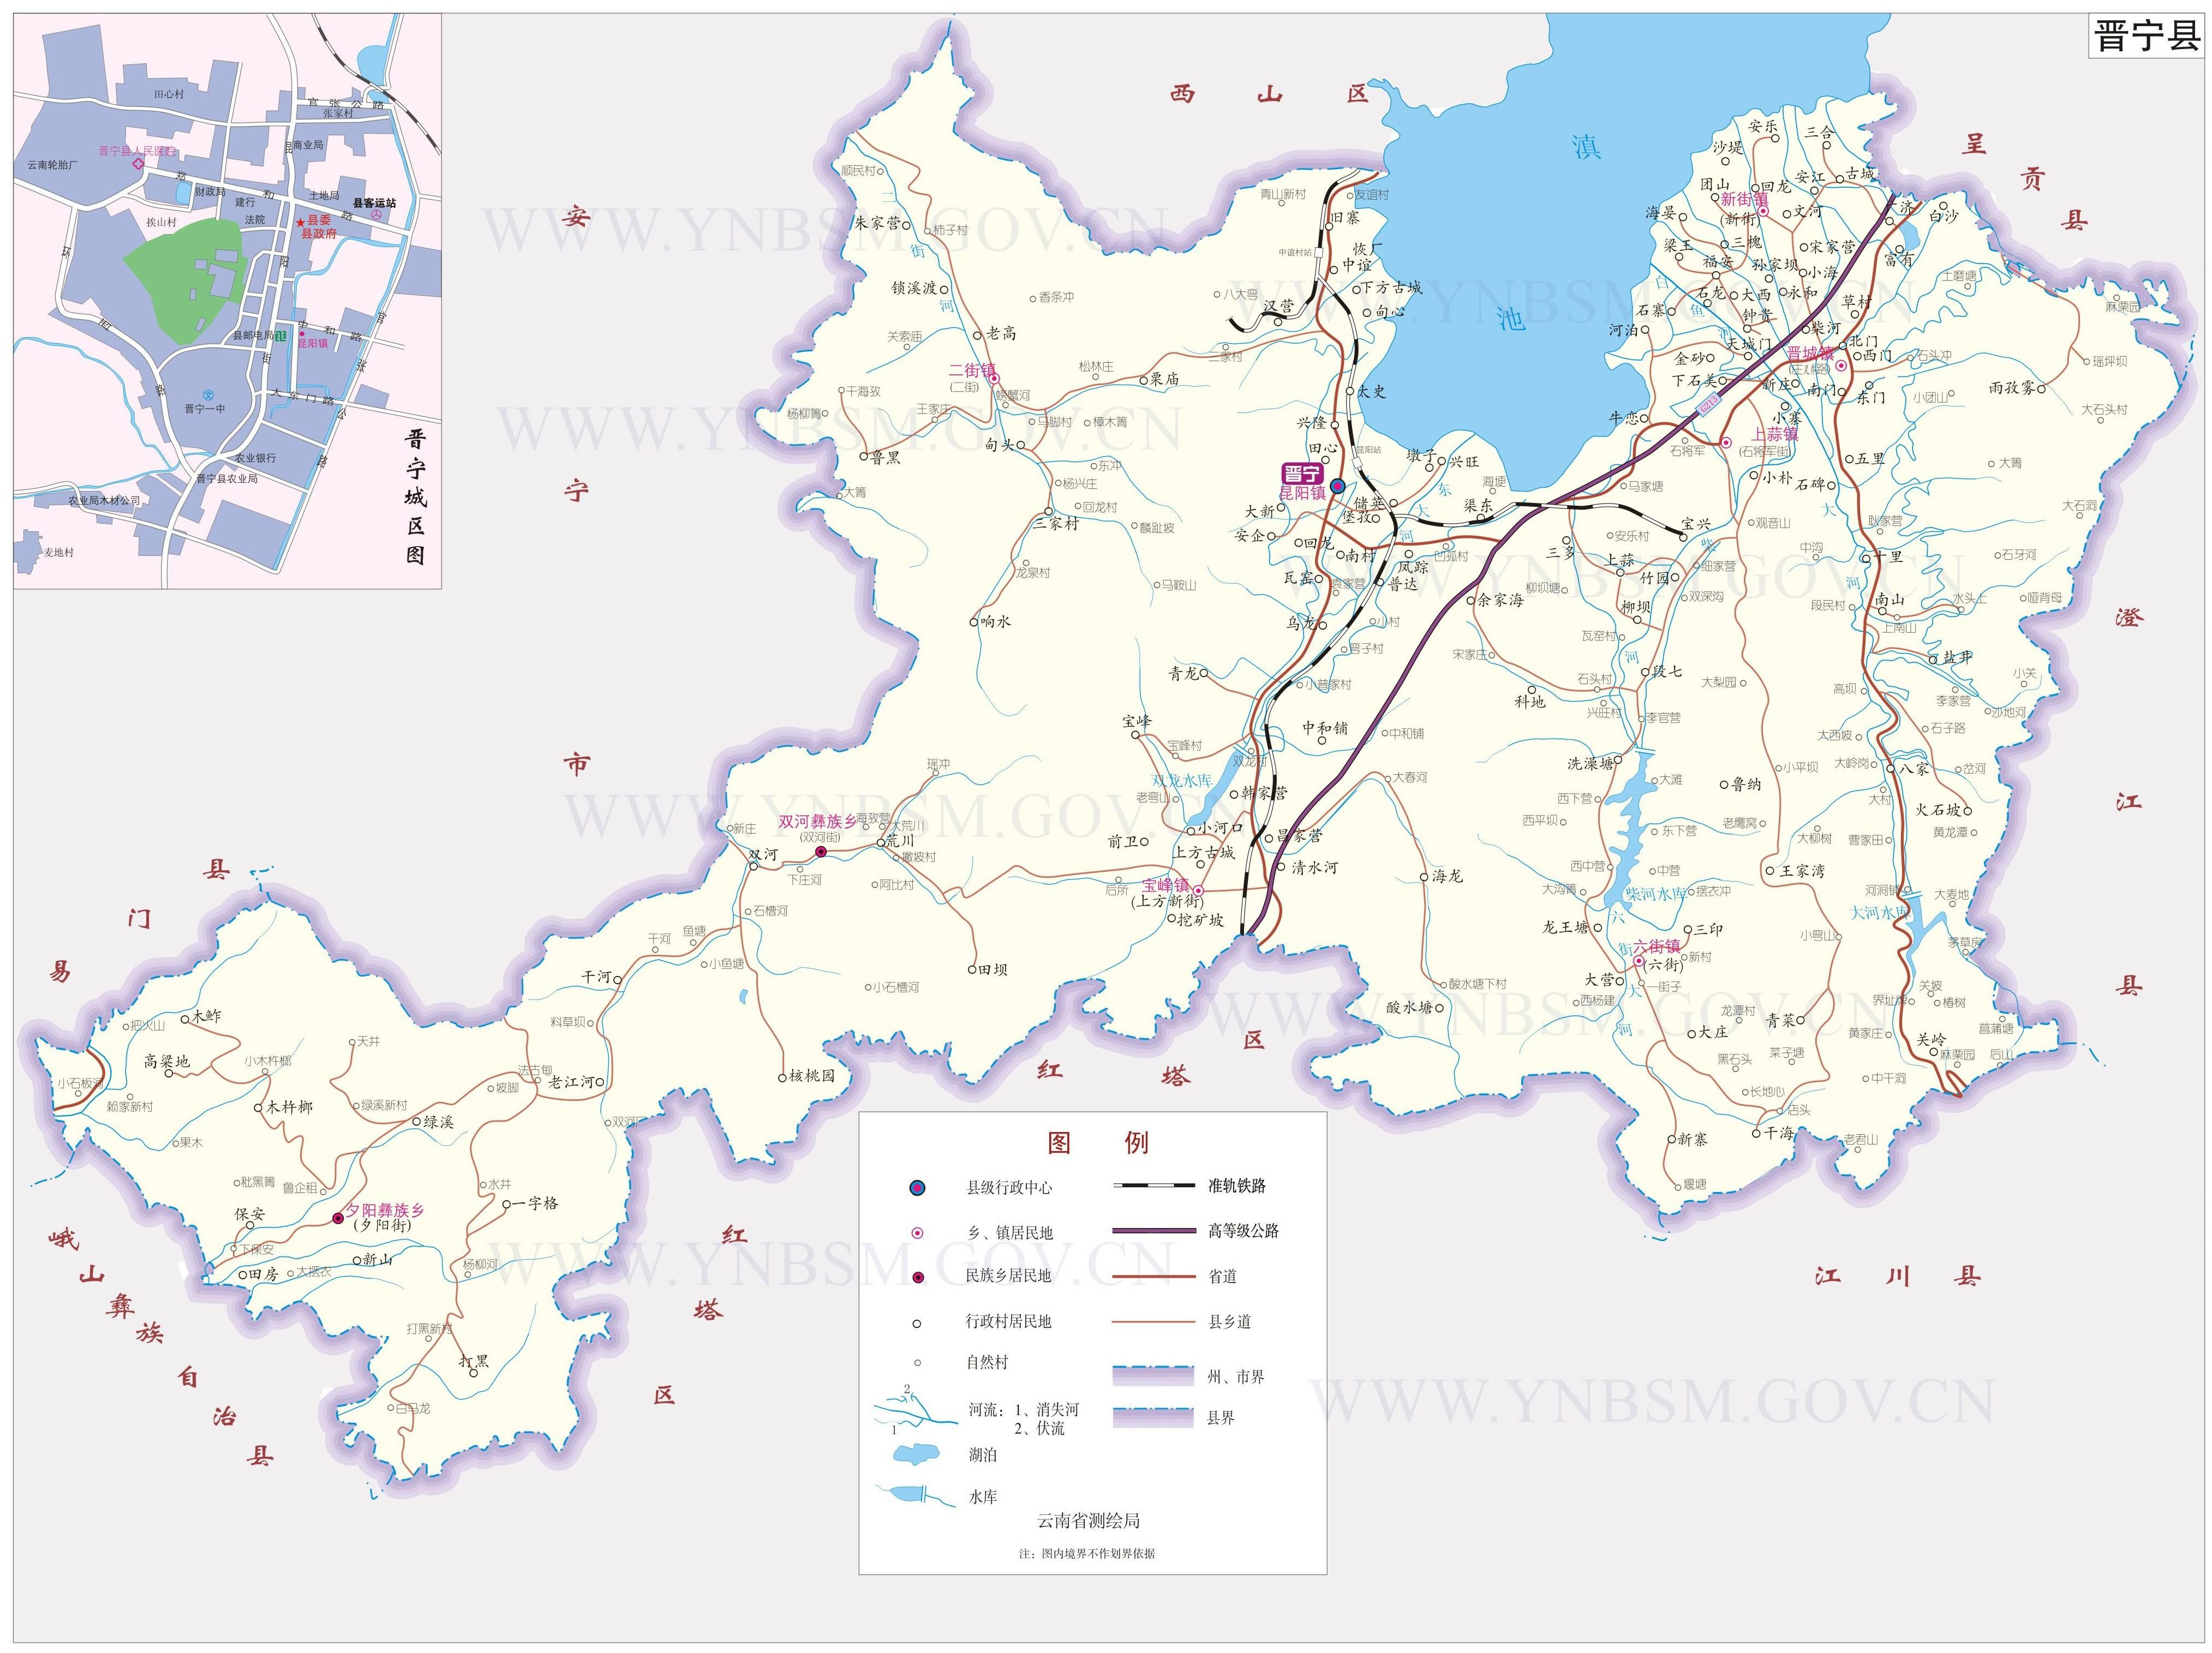 晋宁县地图